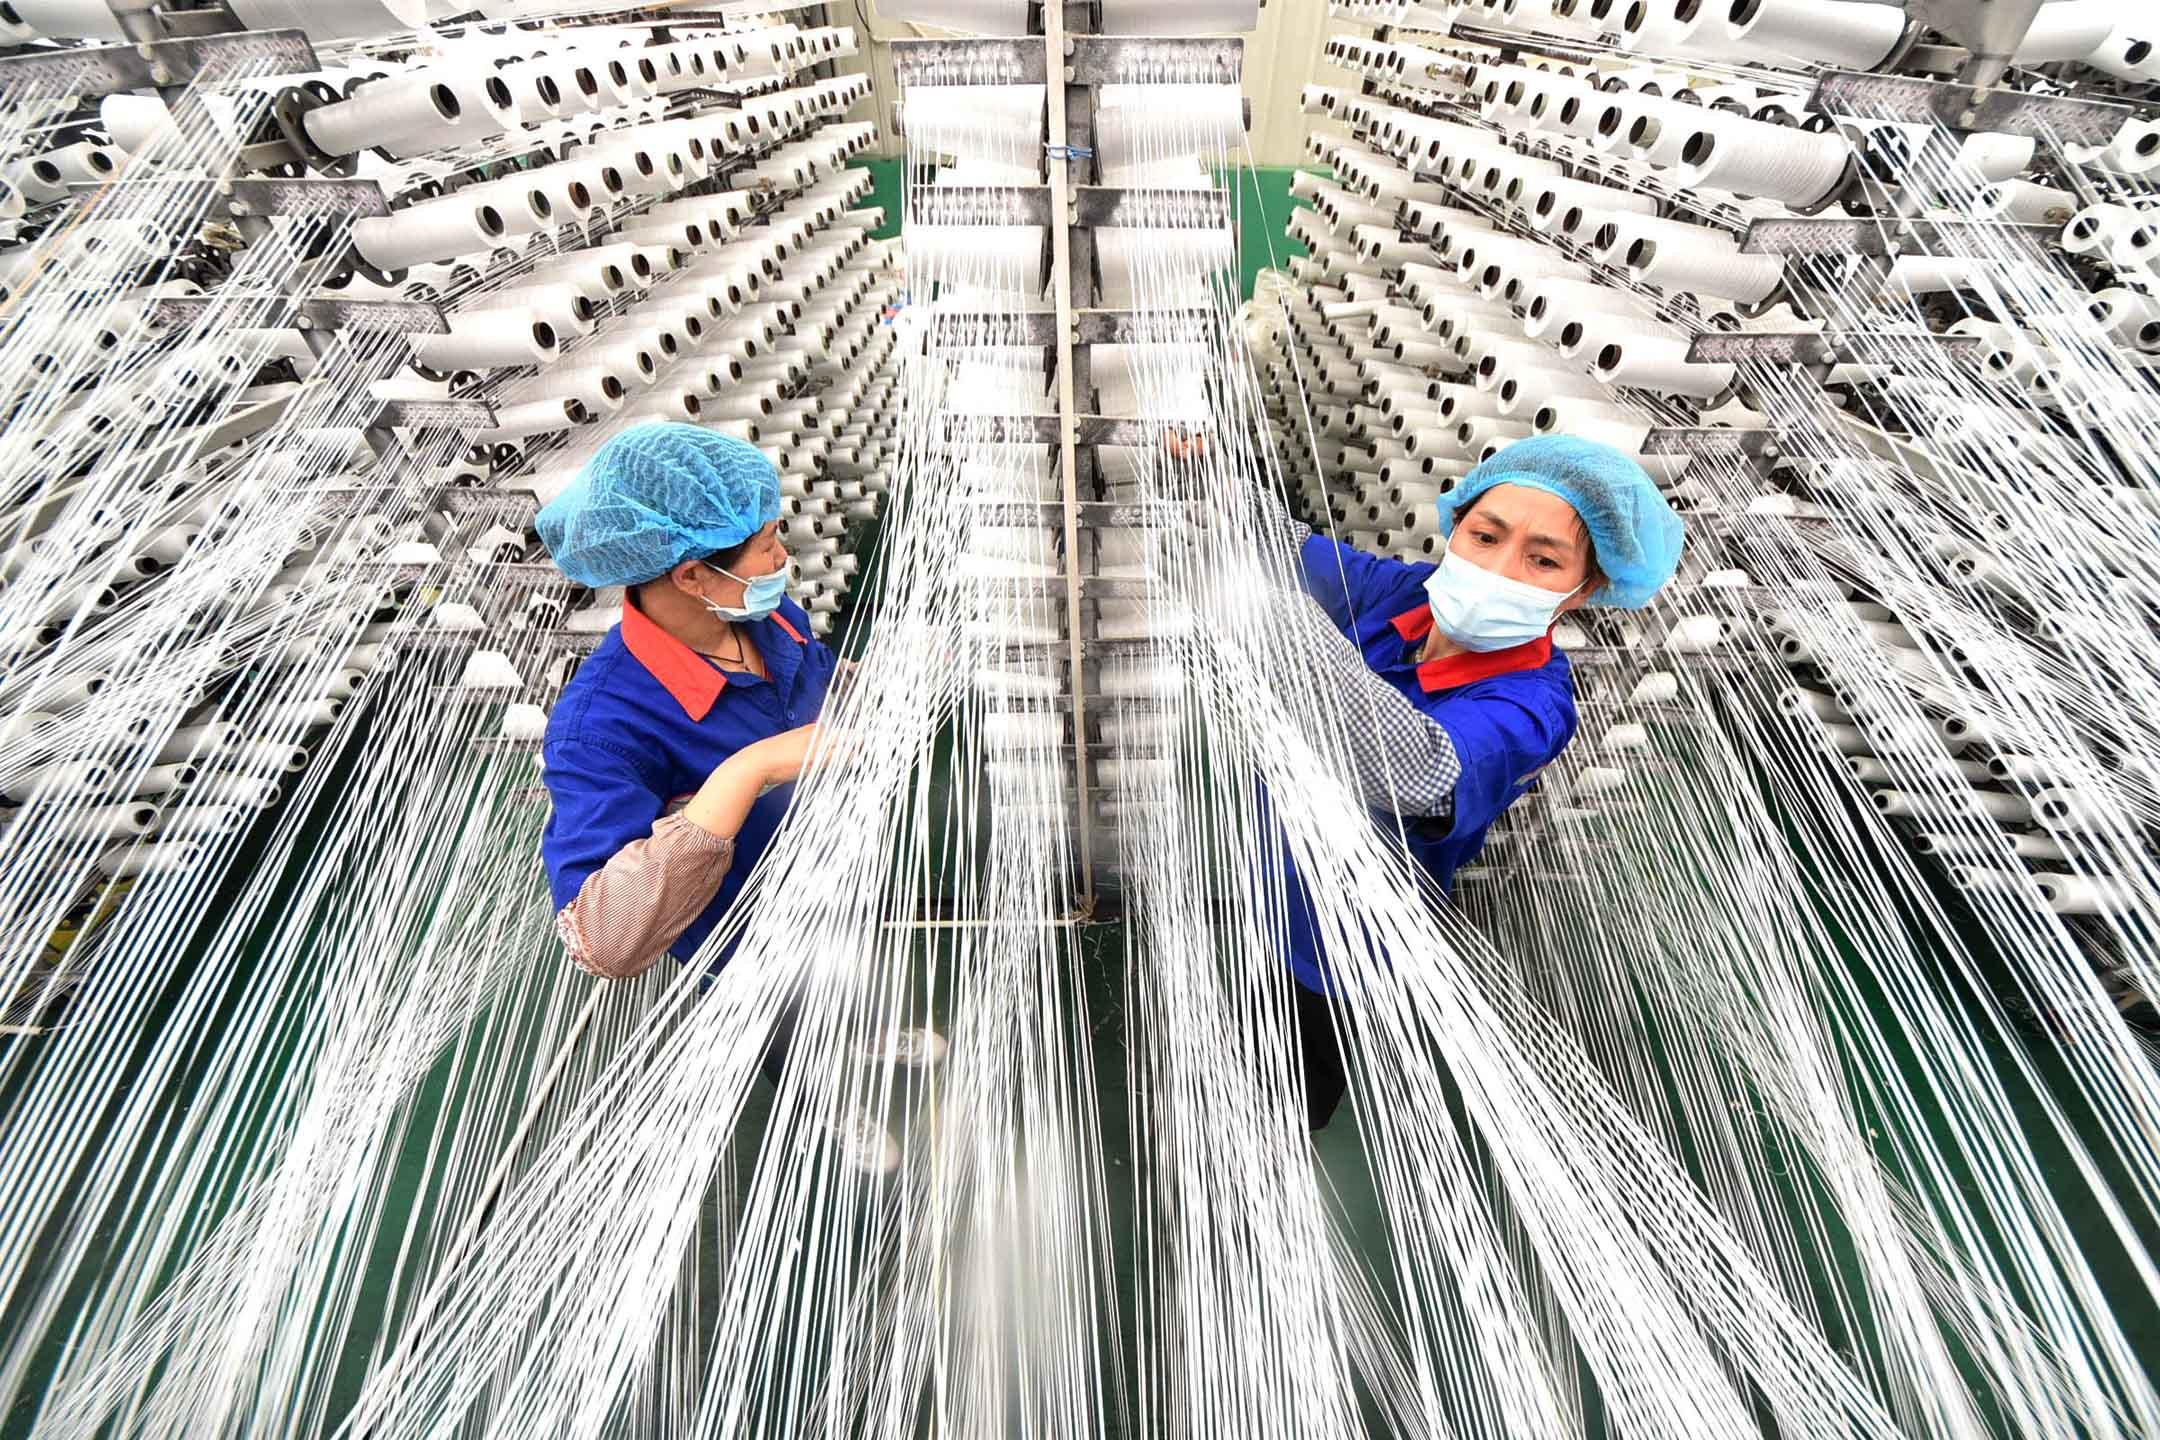 2021年6月23日中國山東省益源縣,員工於一家紡織廠的生產線上工作。 攝:Zhao Dongshan/VCG via Getty Images